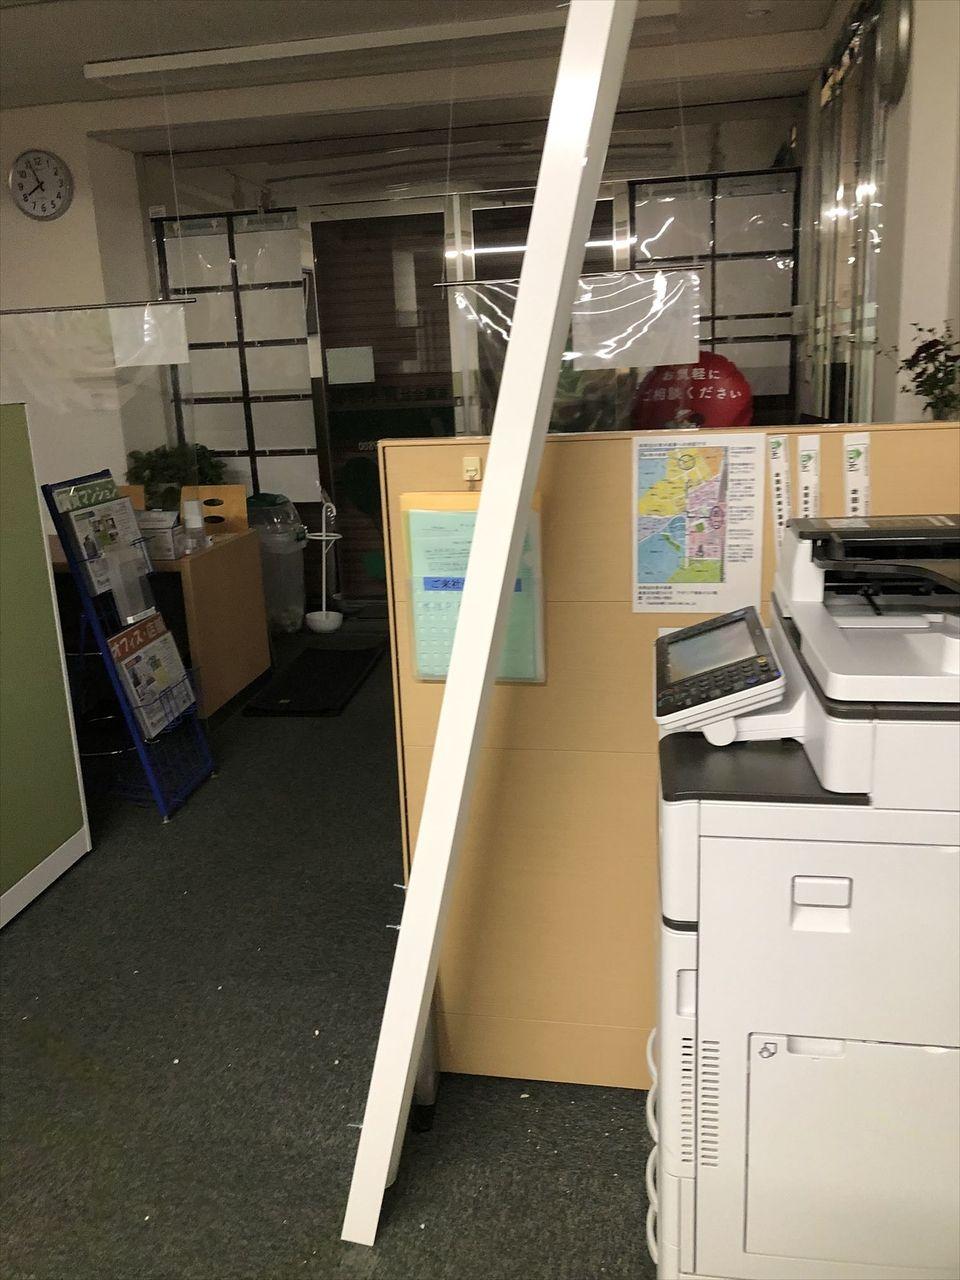 朝、会社に行ったら照明器具が落っこちていました。大丈夫かLED